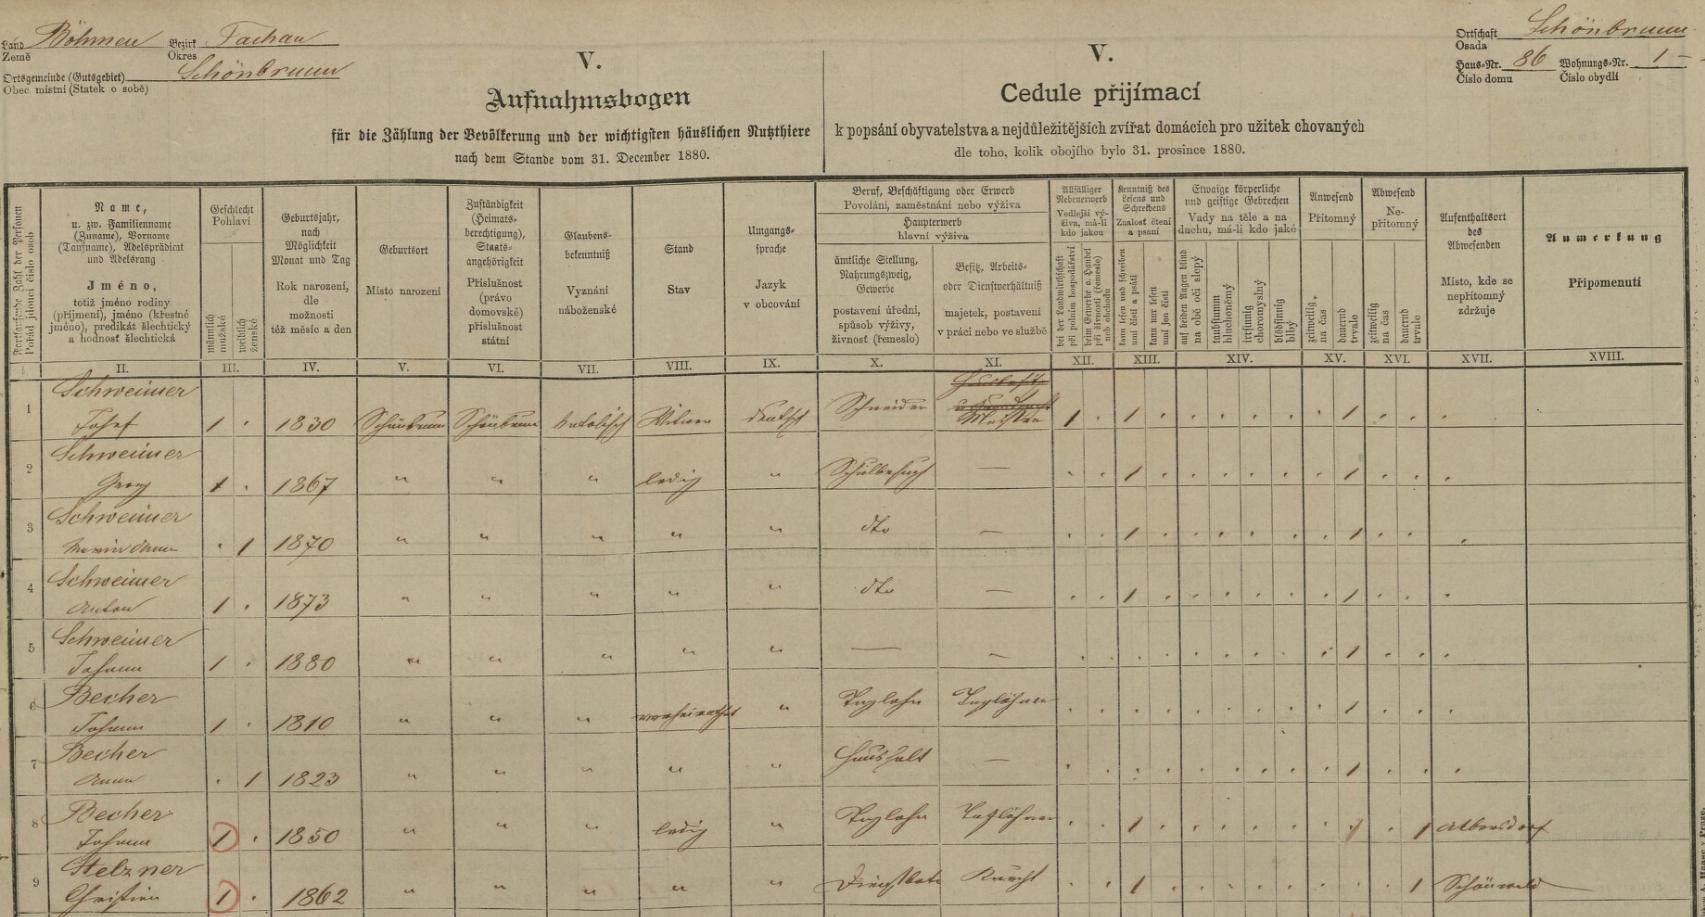 Arch sčítání lidu z roku 1880 dosvědčuje, že tu Schweimerovi bydleli v někdejším Schönbrunnu na čp. 86 už tenkrát